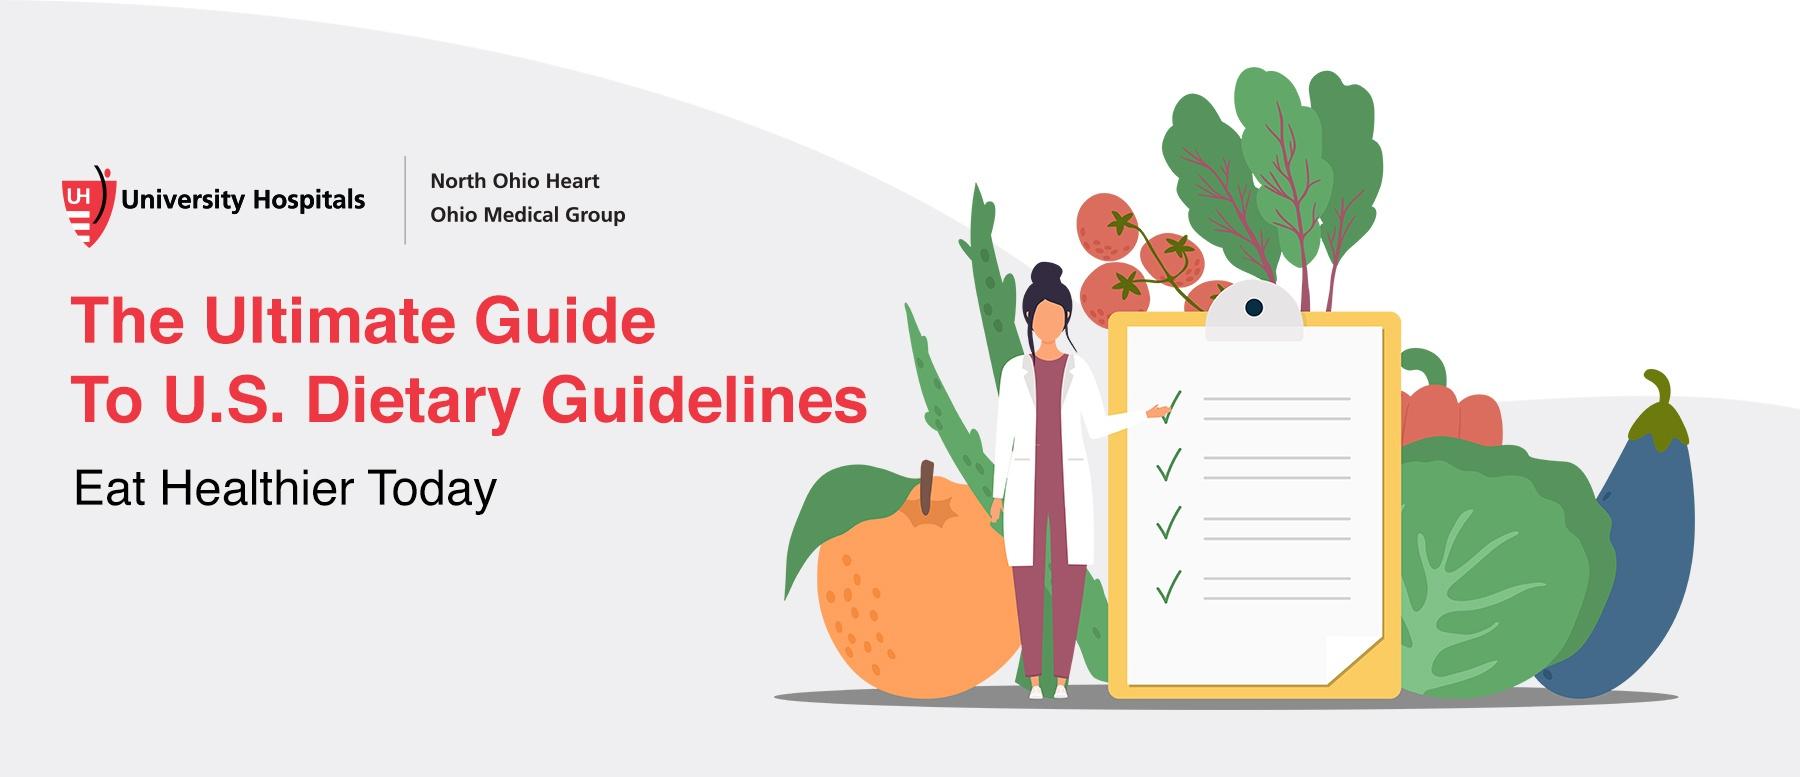 U.S. Dietary Guidelines